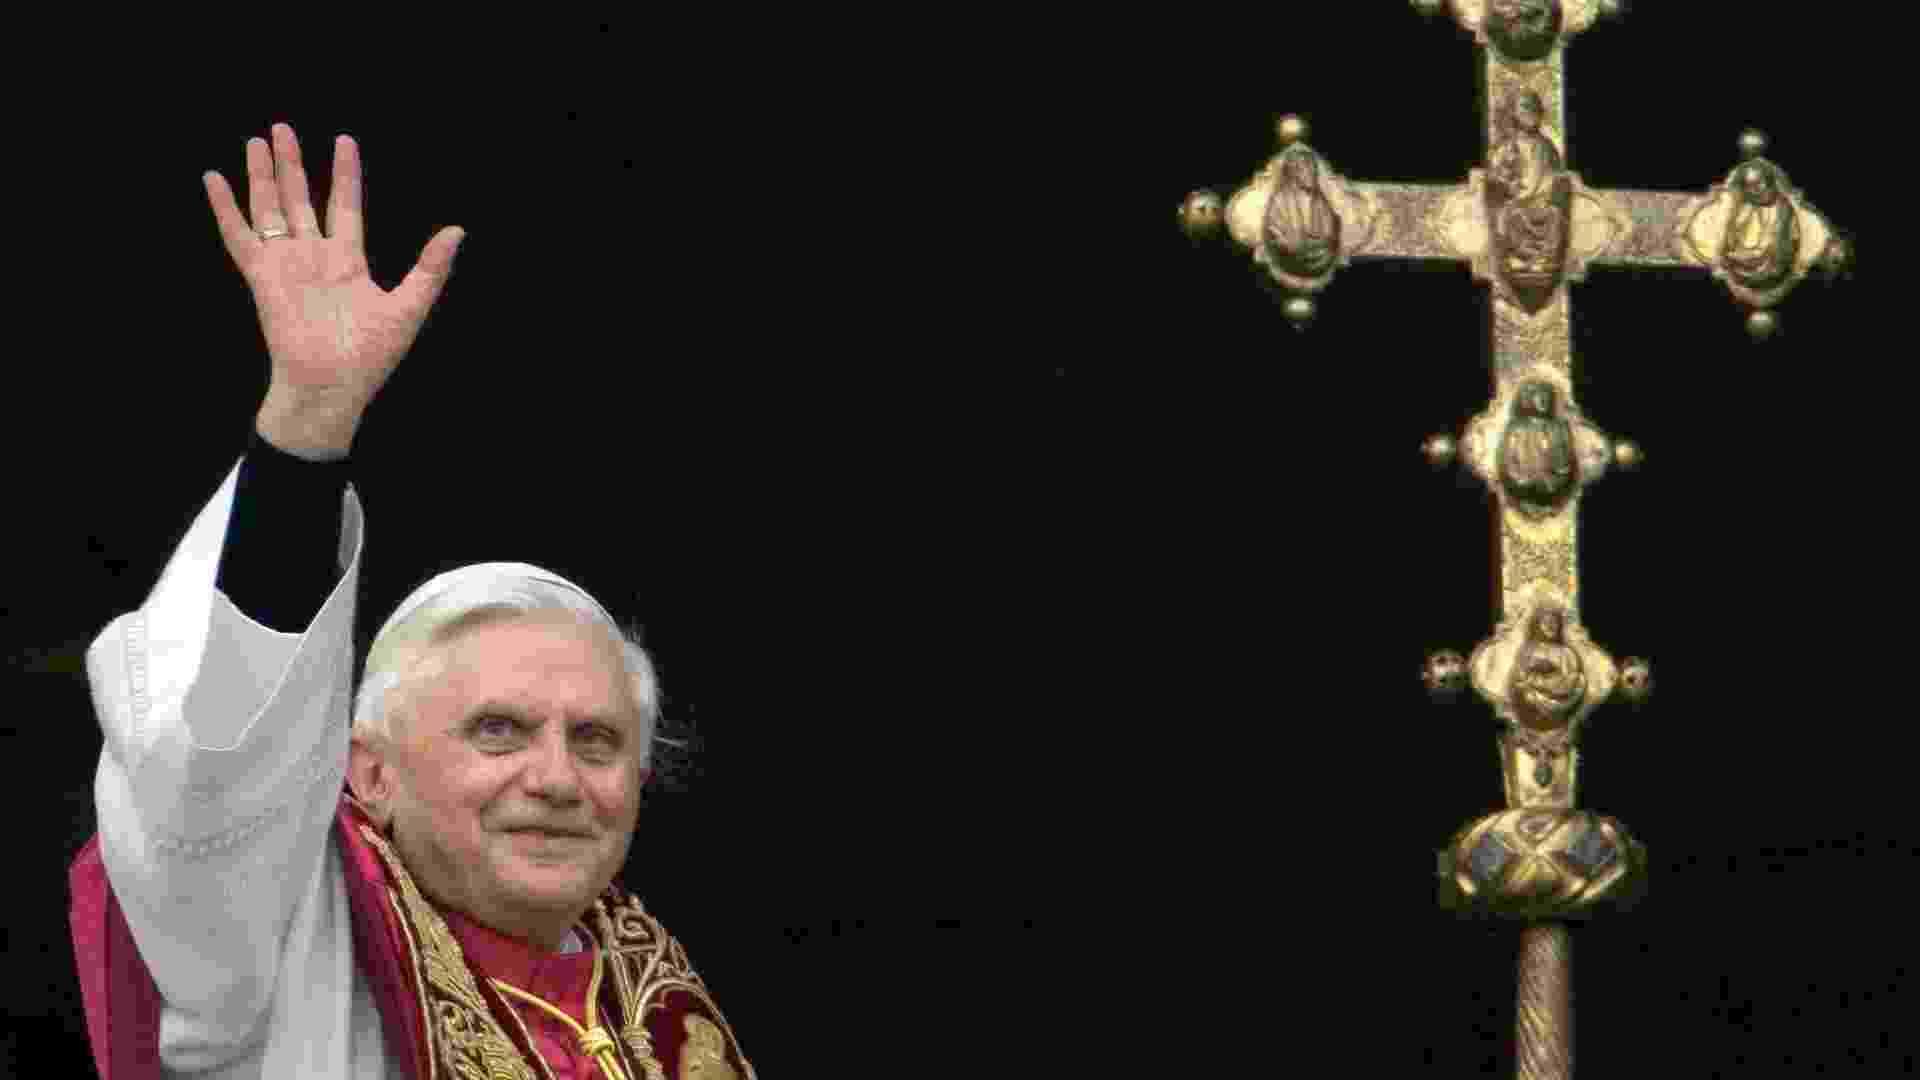 O alemão Joseph Ratzinger, agora conhecido como Bento 16, acena para multidão a partir da janela da varanda principal da Basílica de São Pedro, no Vaticano, depois de ser eleito o 265º papa da Igreja Católica Romana - AFP